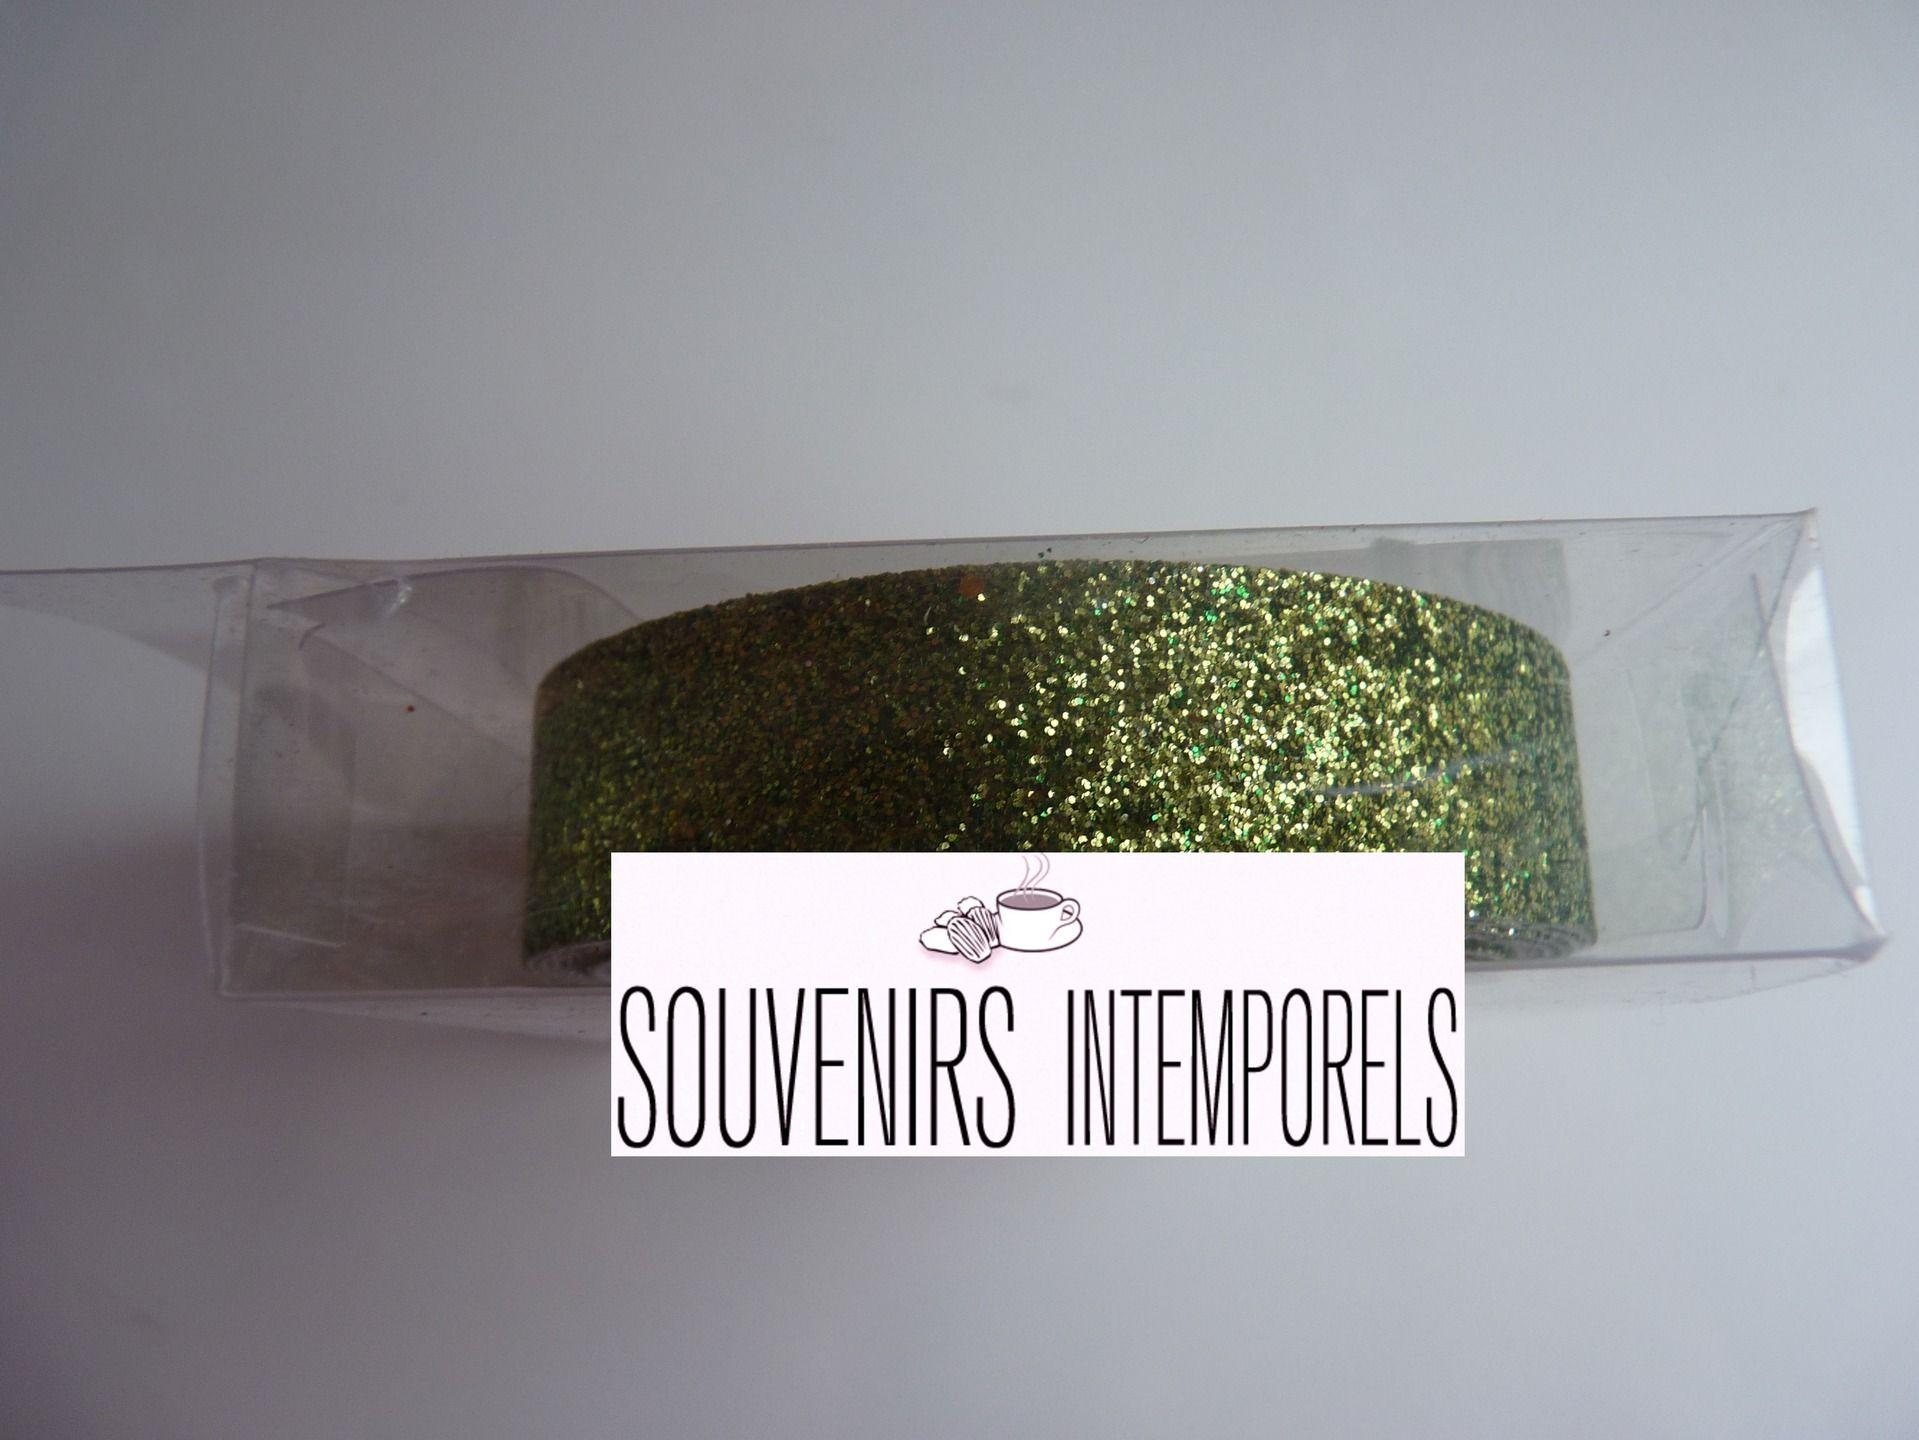 1 rouleau de glitter tape ruban adhésif non repositionnable à paillettes coloris vert clair : Stickers, autocollants par souvenirs-intemporels